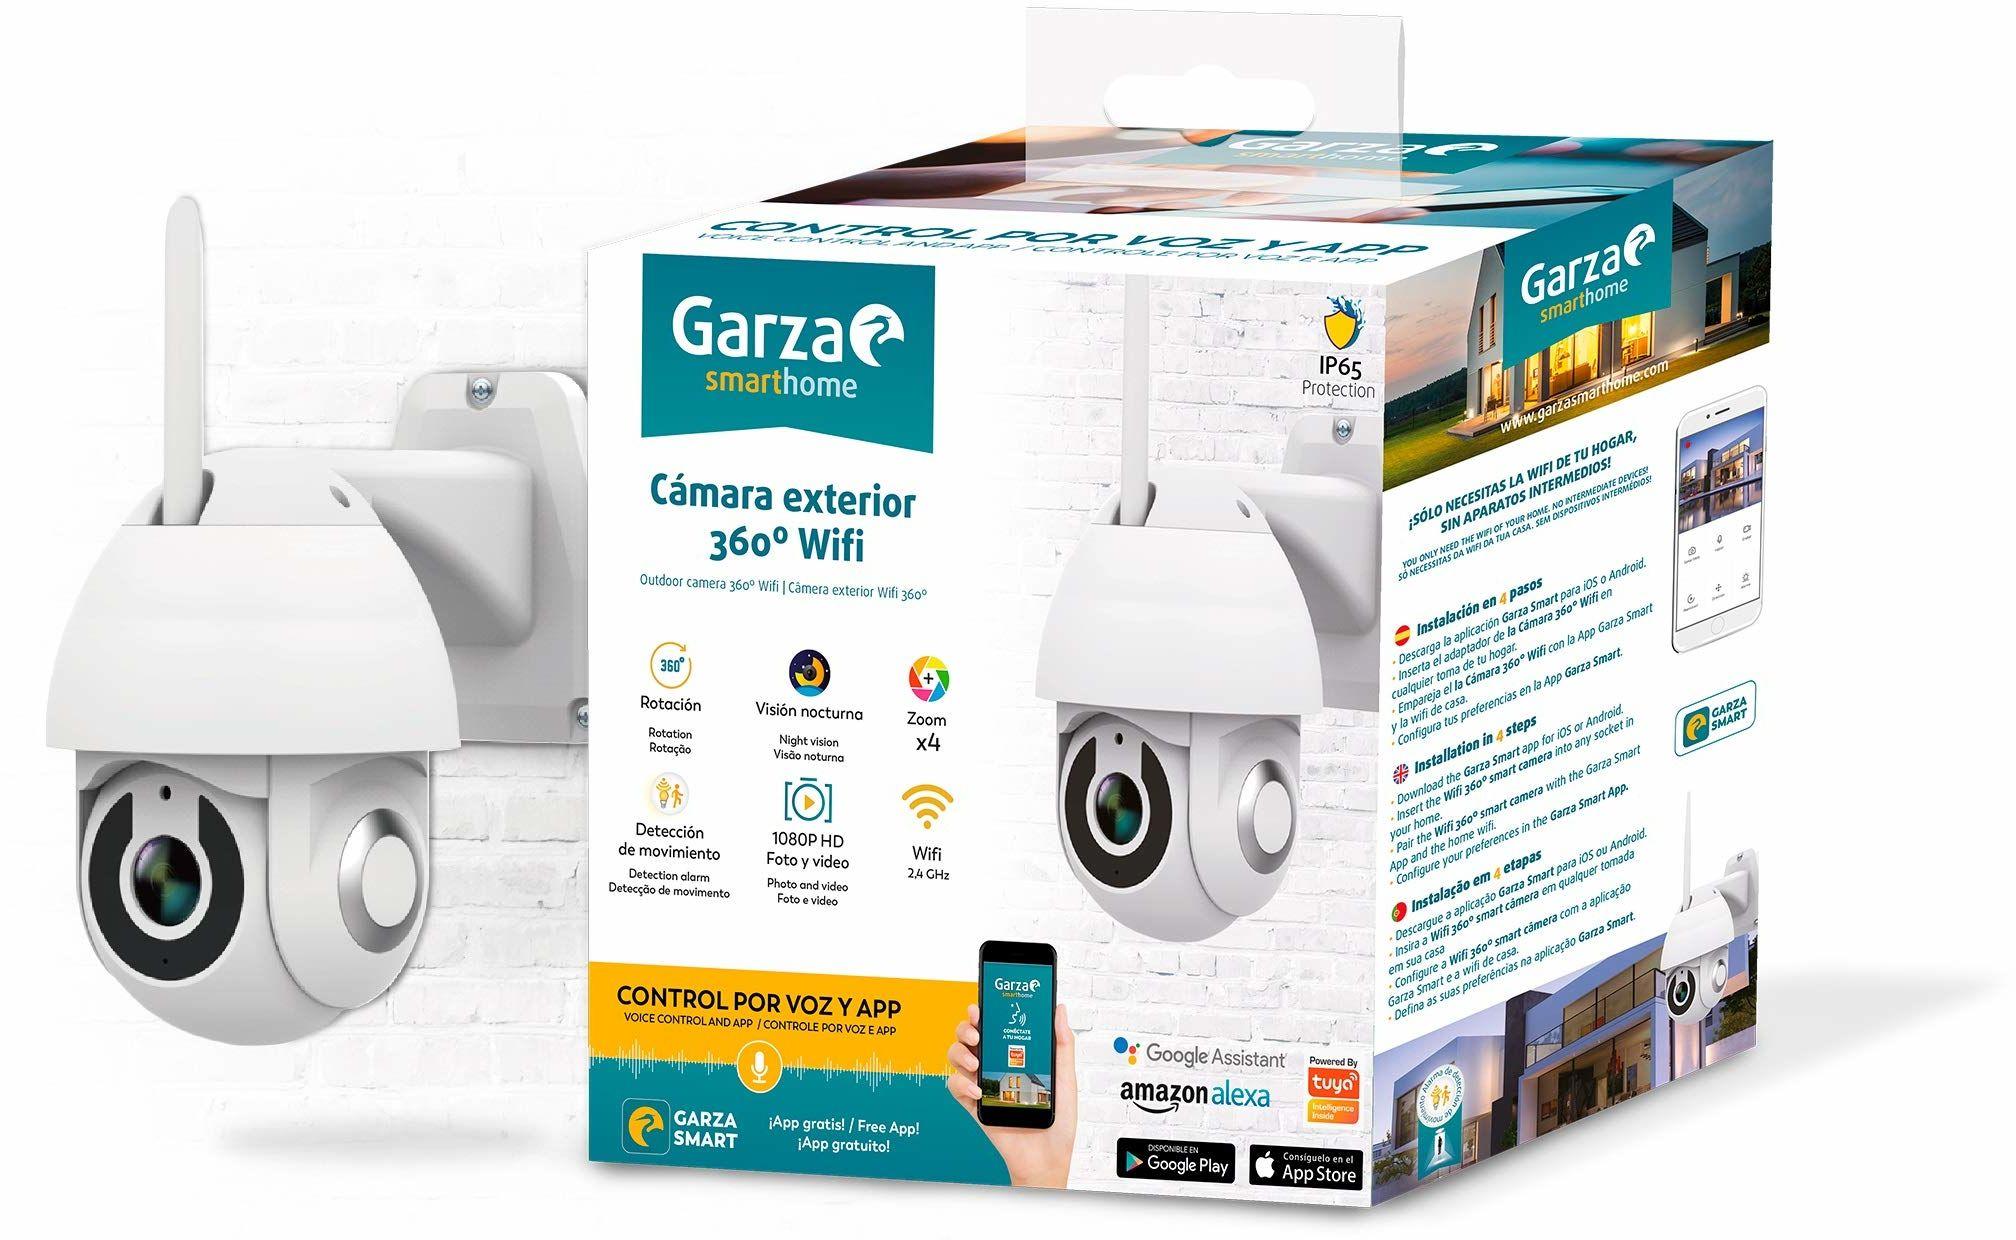 Garza Smarthome 360 WiFi kamera zewnętrzna do monitoringu HD 1080p, widoczność w nocy i zoom, sterowanie głosem i aplikacja, Alexa, iOS, Google, Android